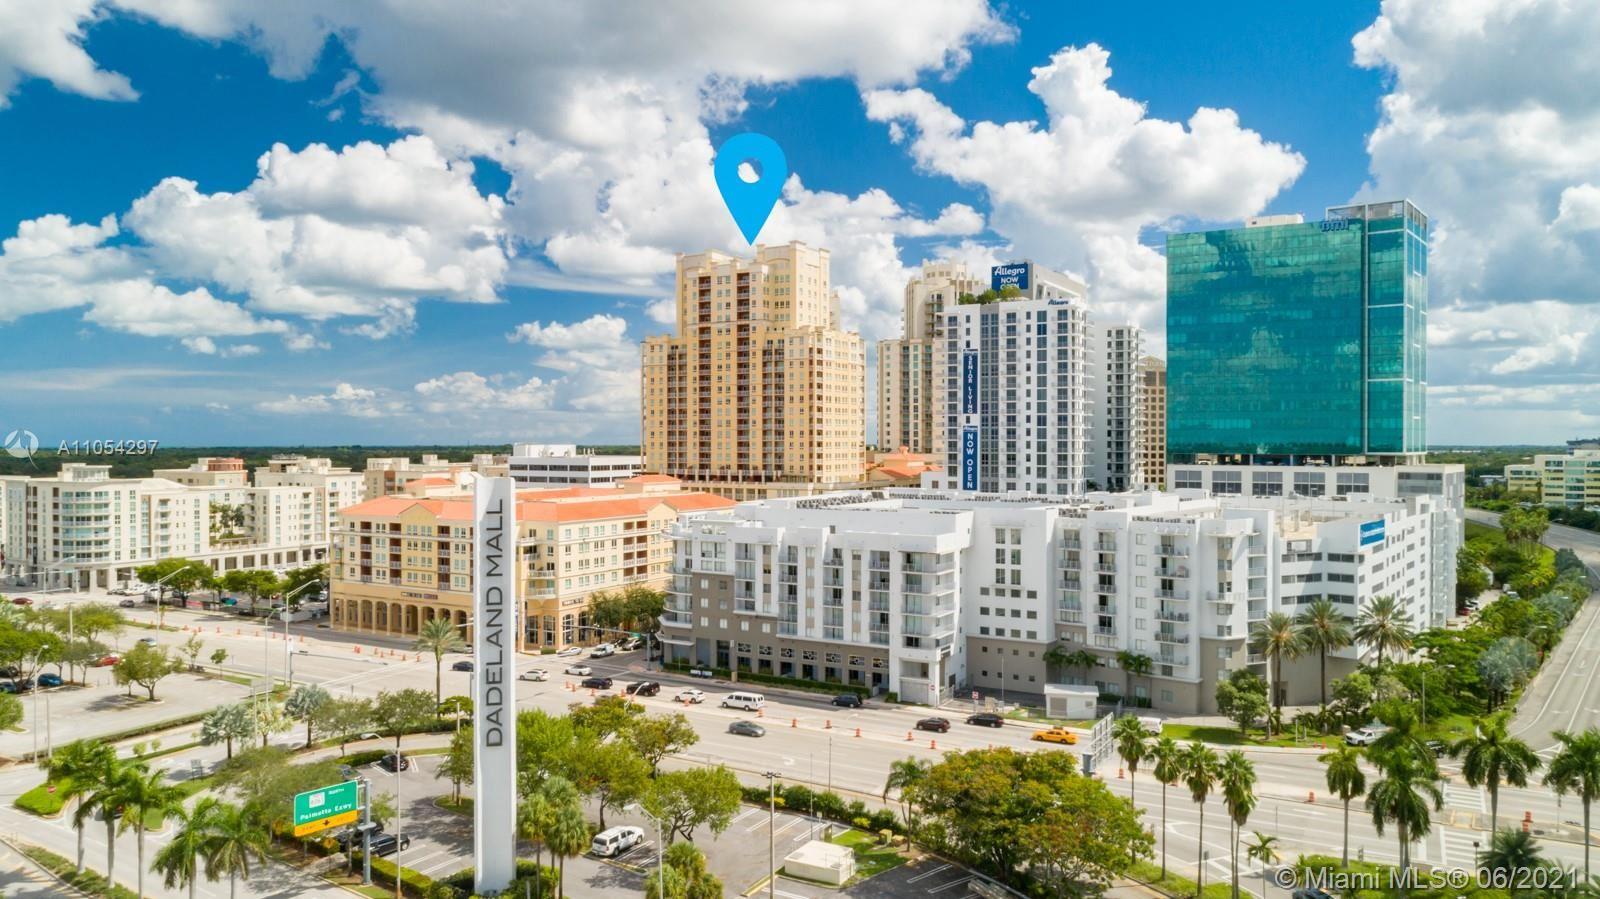 7350 SW 89TH ST #607S, Miami, FL 33156 - #: A11054297